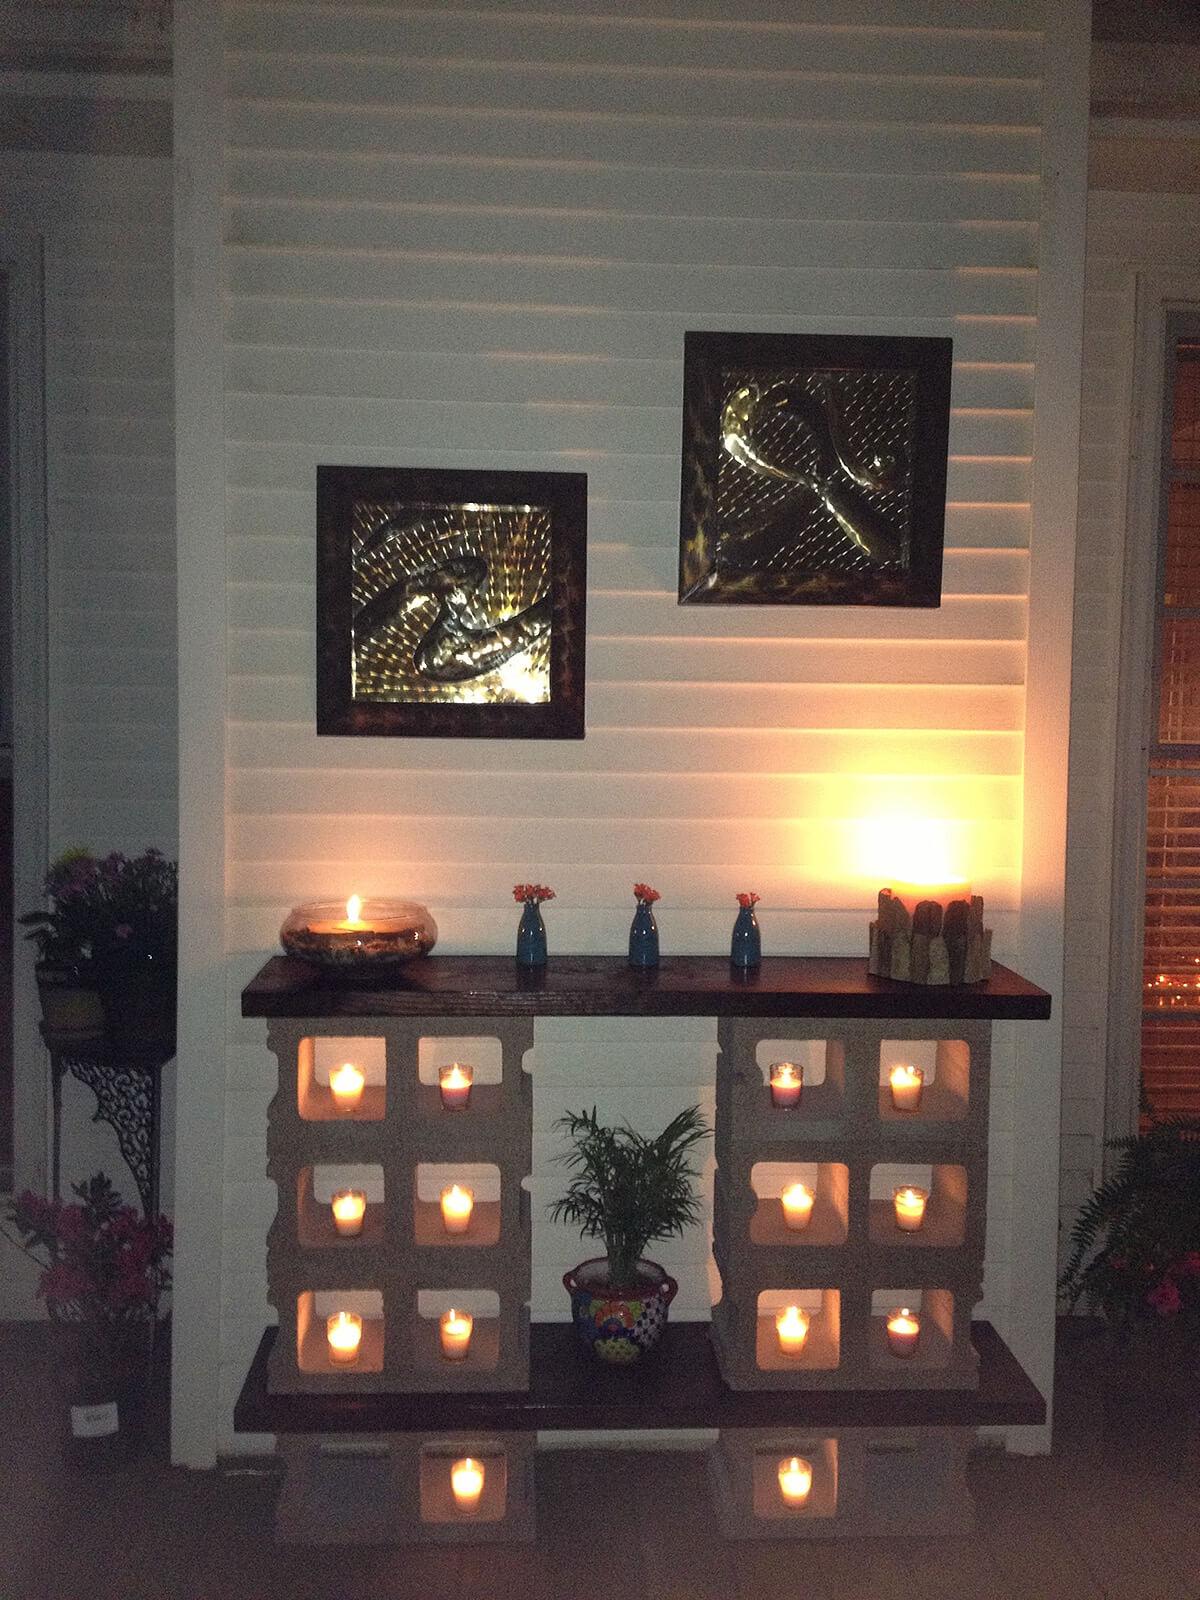 Cinder Block Luminary 'Fireplace'